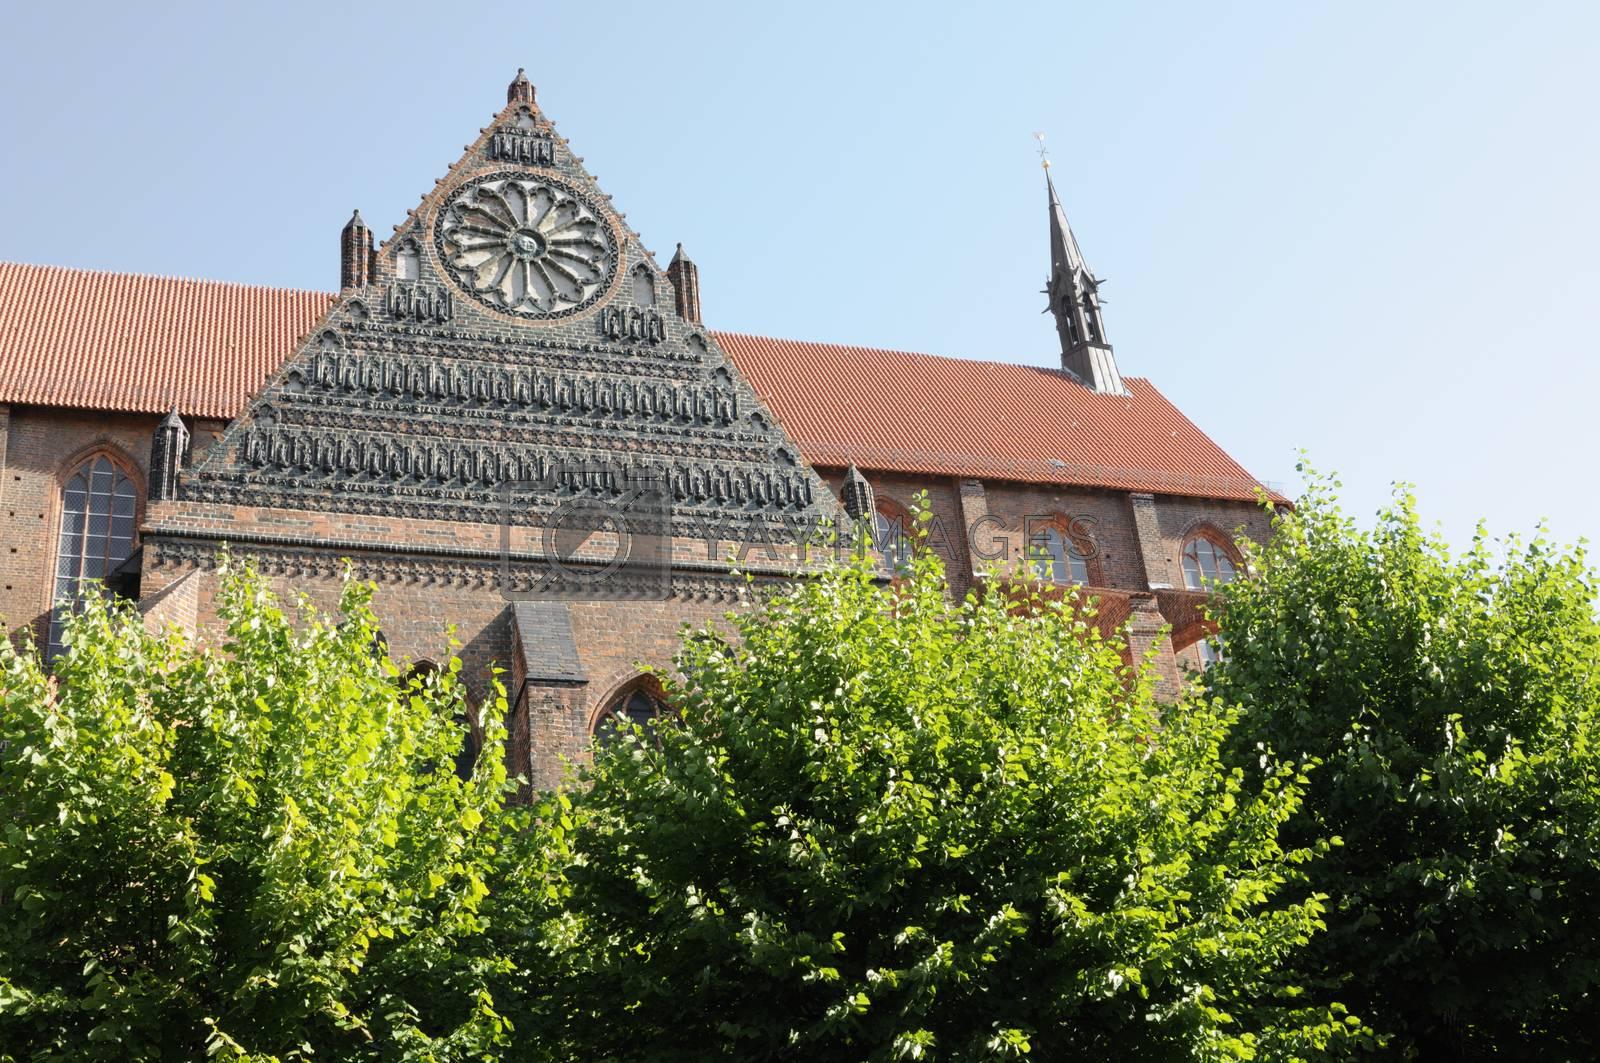 St. Nikolai Church in Wismar, Germany.